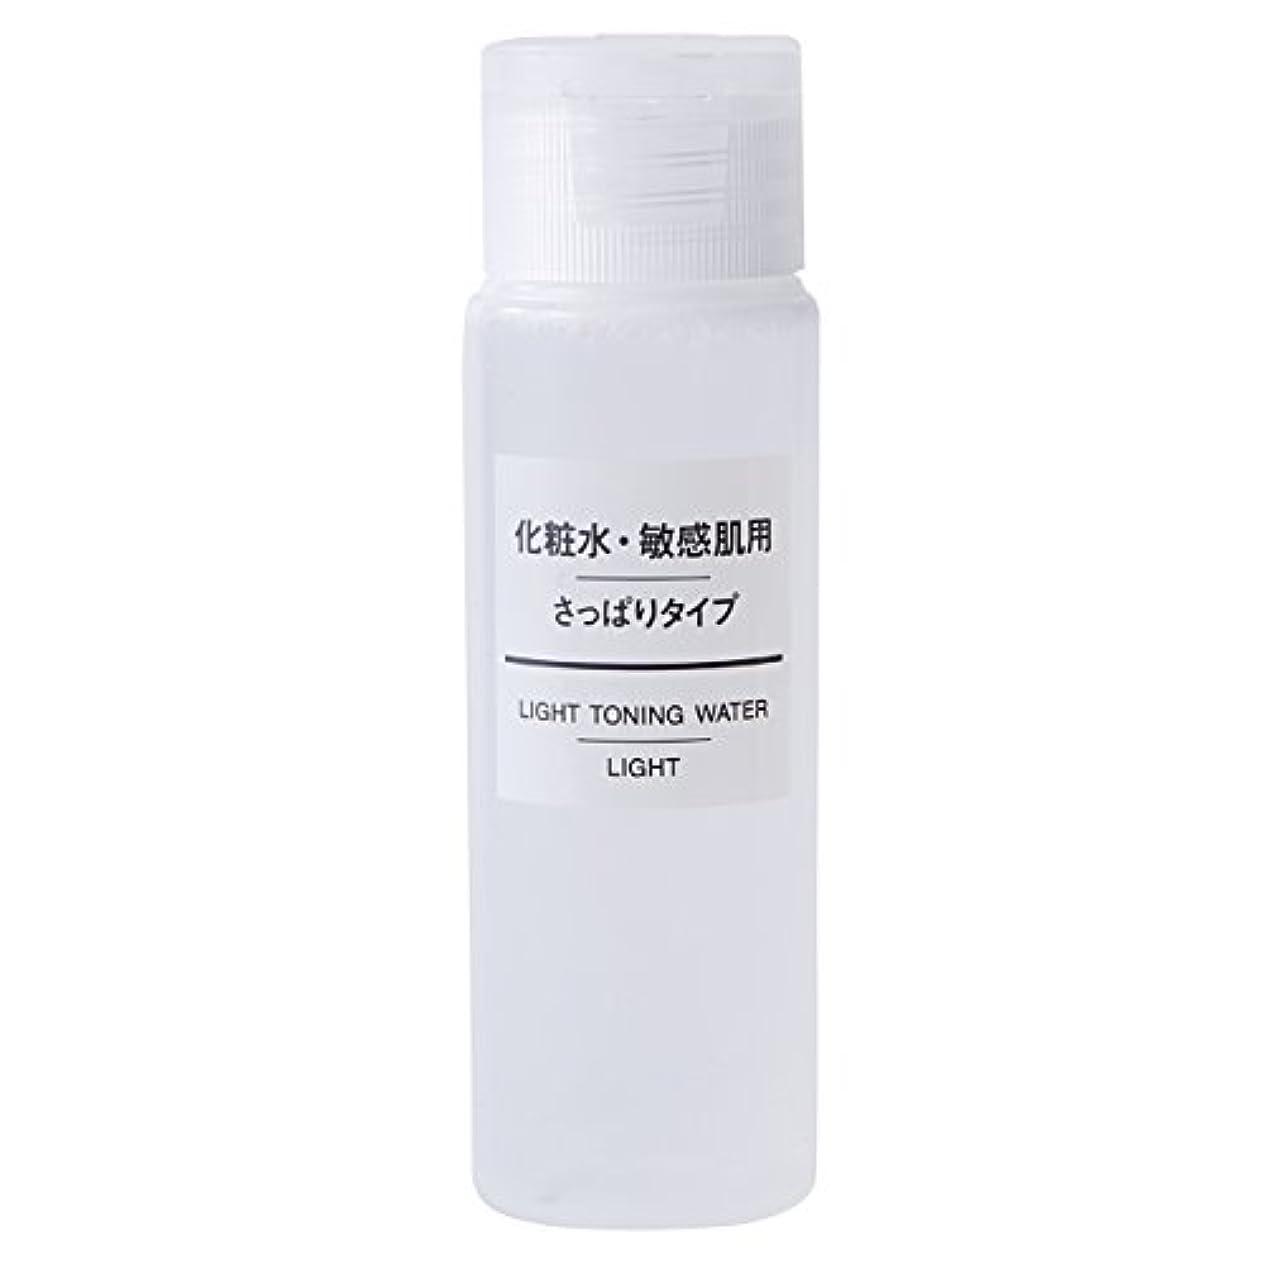 混沌誕生日意志無印良品 化粧水 敏感肌用 さっぱりタイプ(携帯用) 50ml